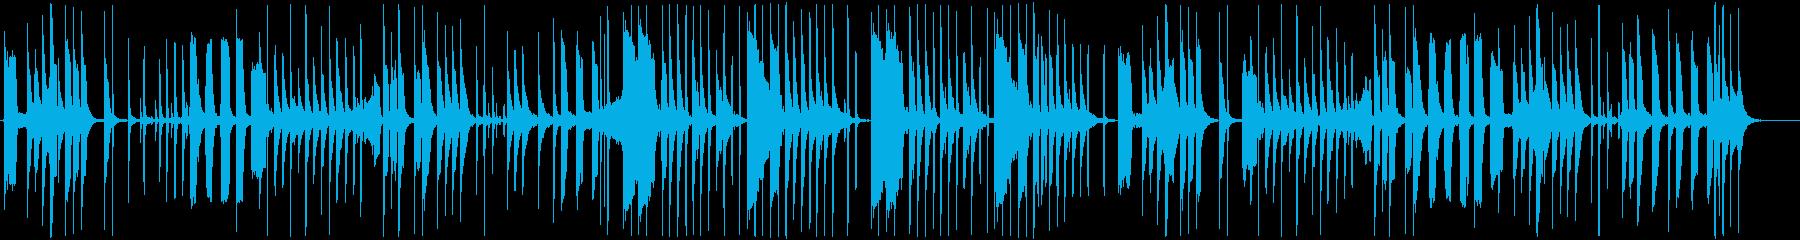 ライトでポップ!トレンドCM系サウンドの再生済みの波形